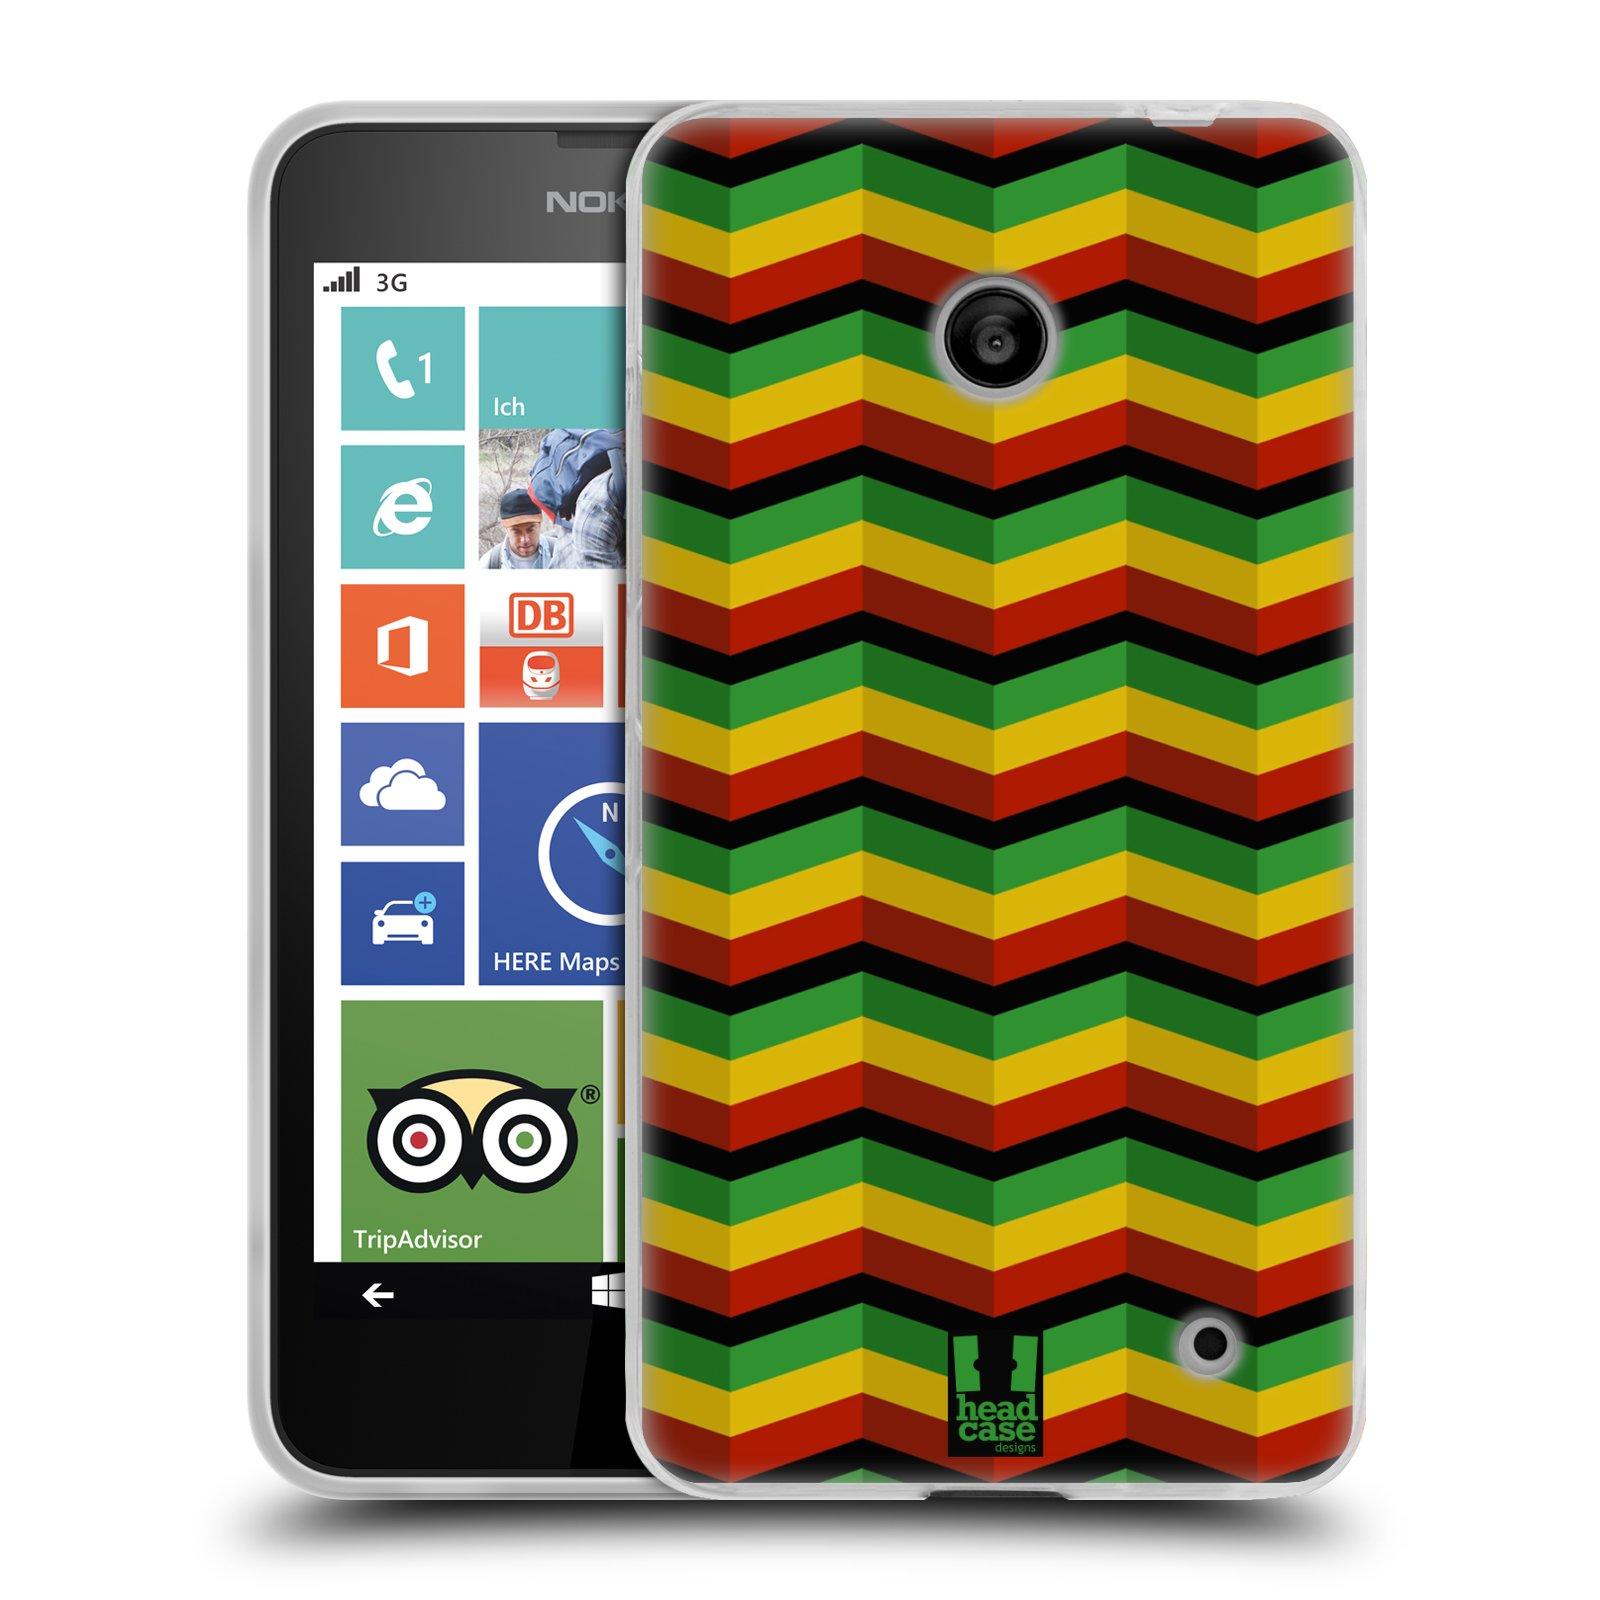 Silikonové pouzdro na mobil Nokia Lumia 630 HEAD CASE RASTA CHEVRON (Silikonový kryt či obal na mobilní telefon Nokia Lumia 630 a Nokia Lumia 630 Dual SIM)